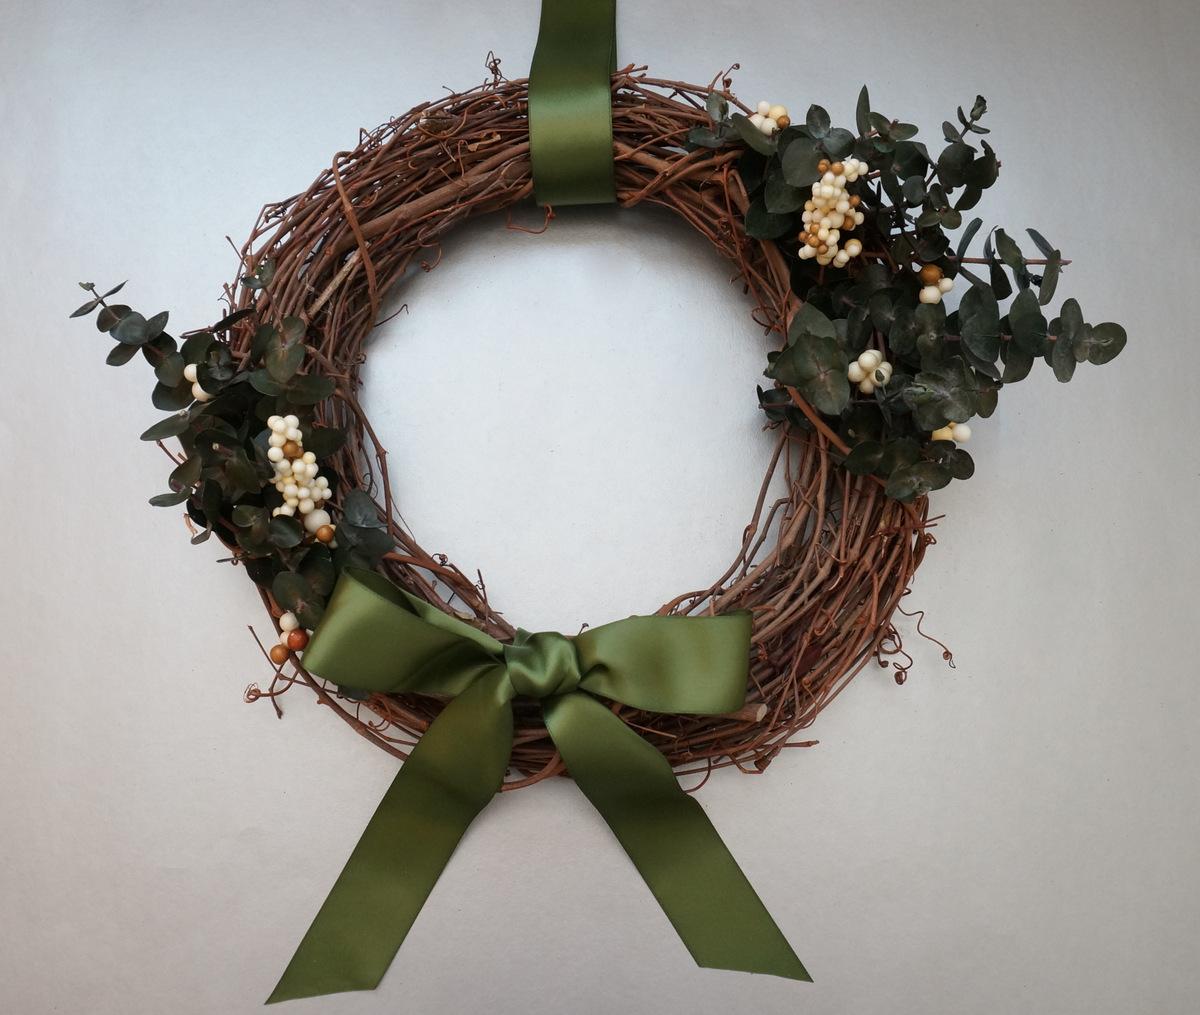 An Earthy, Elegant DIY Holiday Wreath